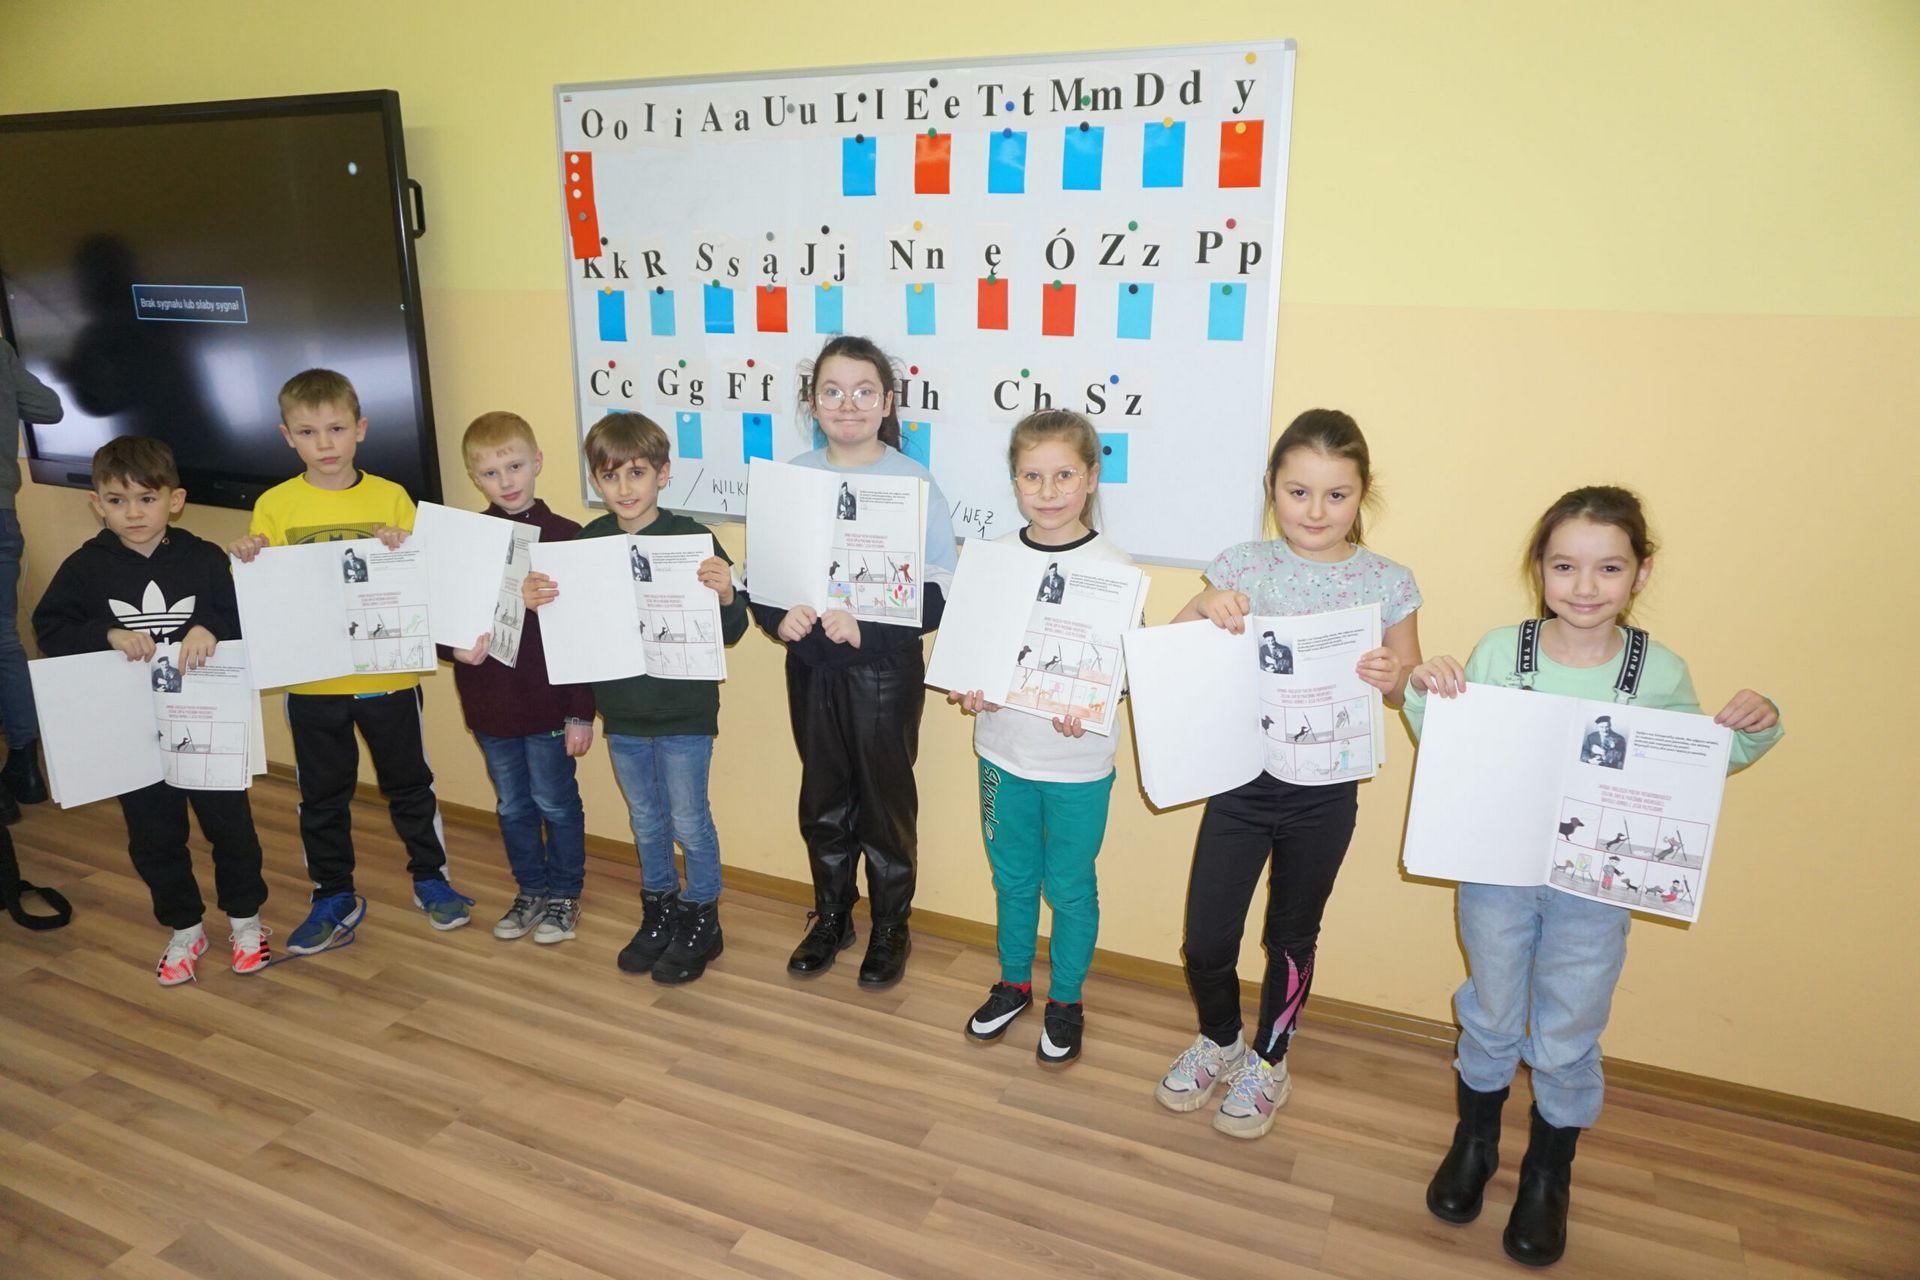 Dzieci prezentujące swoje prace podczas warsztatów o Potworowskim.